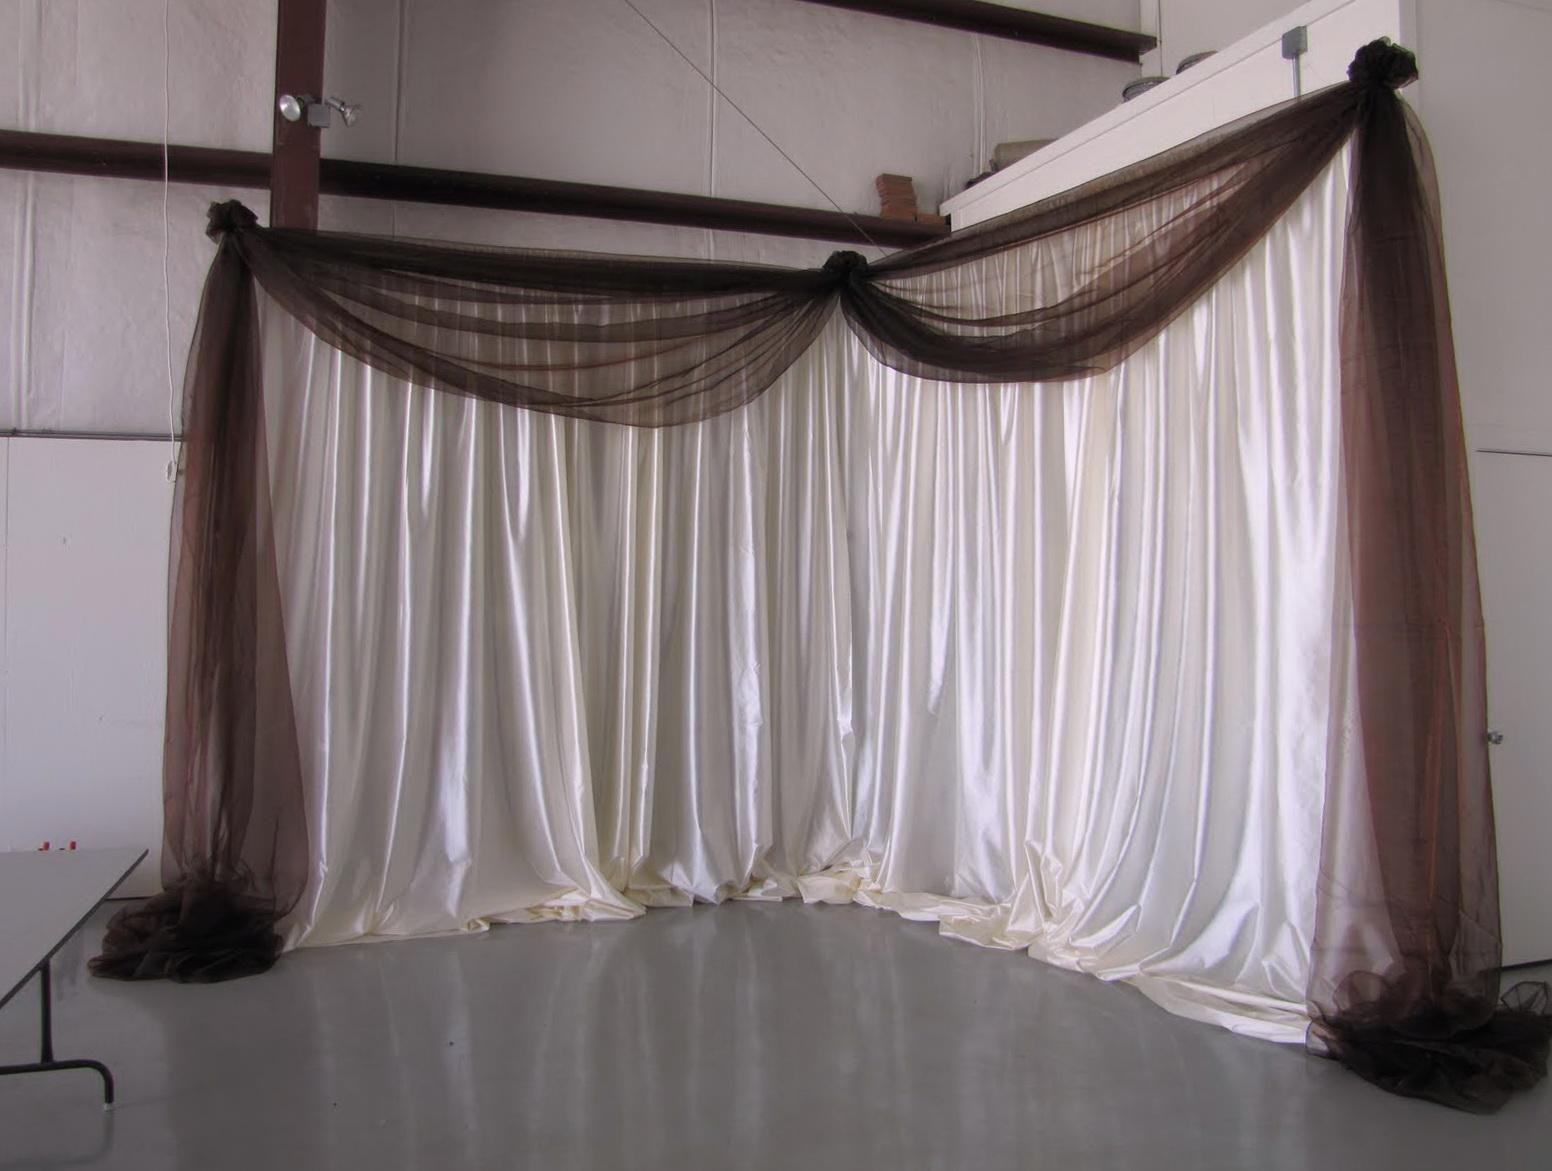 Church Room Divider Curtains Home Design Ideas